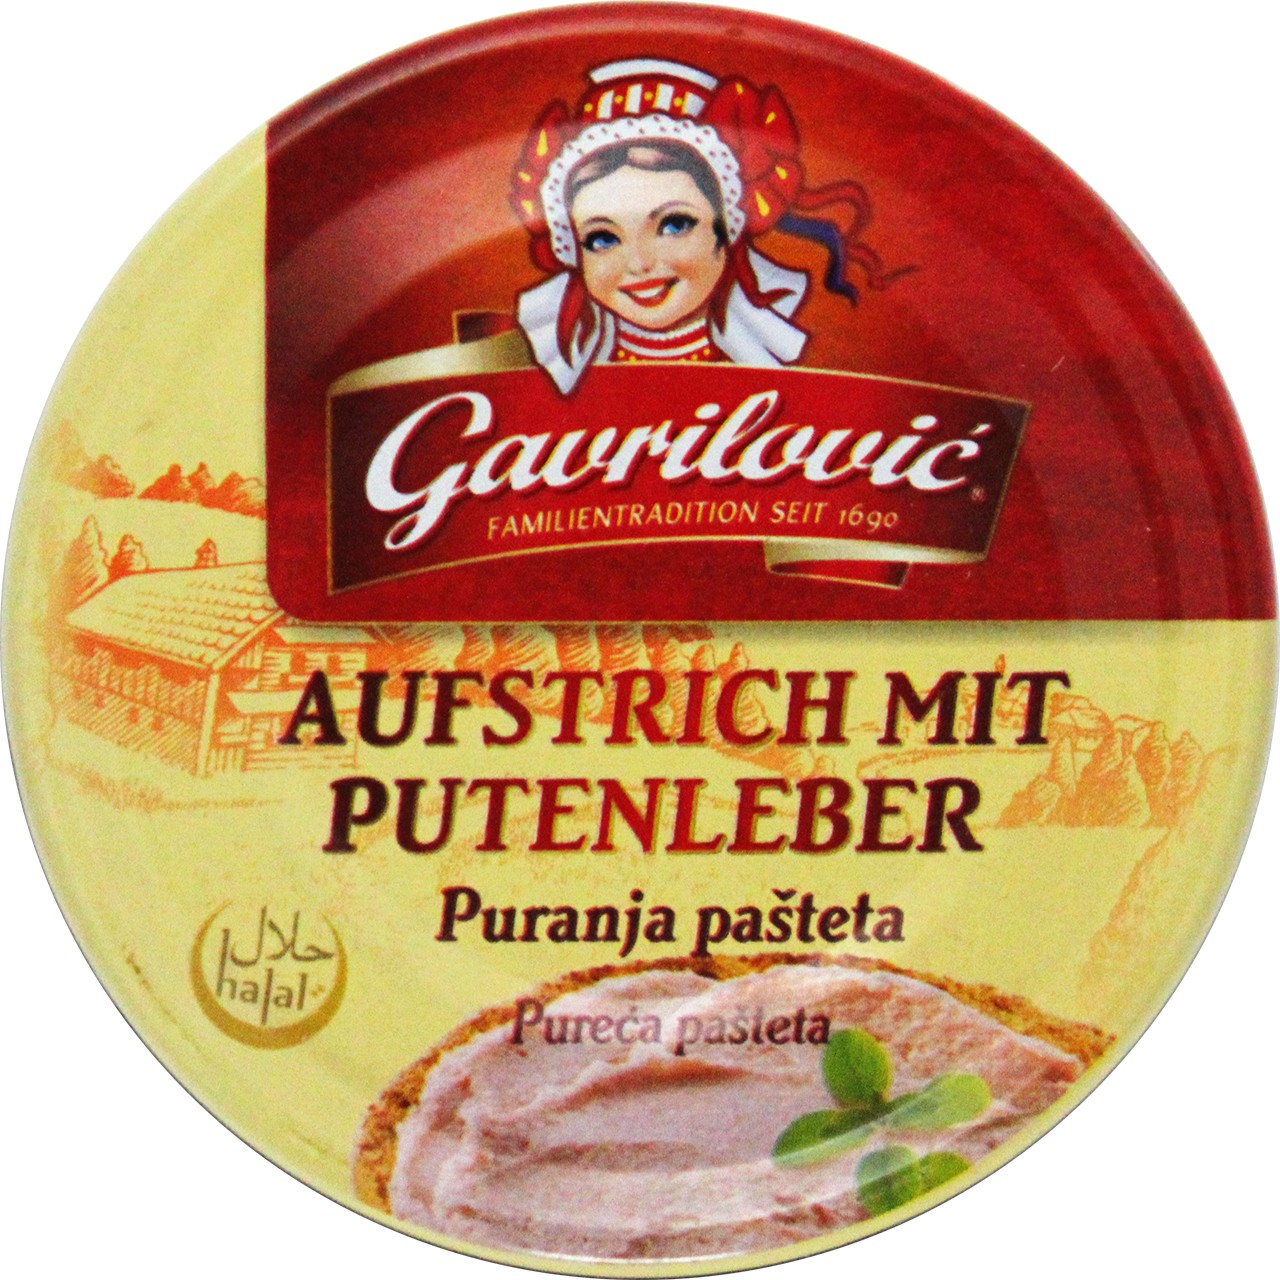 Teewurst Pastete Pute - Pureća pašteta - Gavrilovic - Kroatien